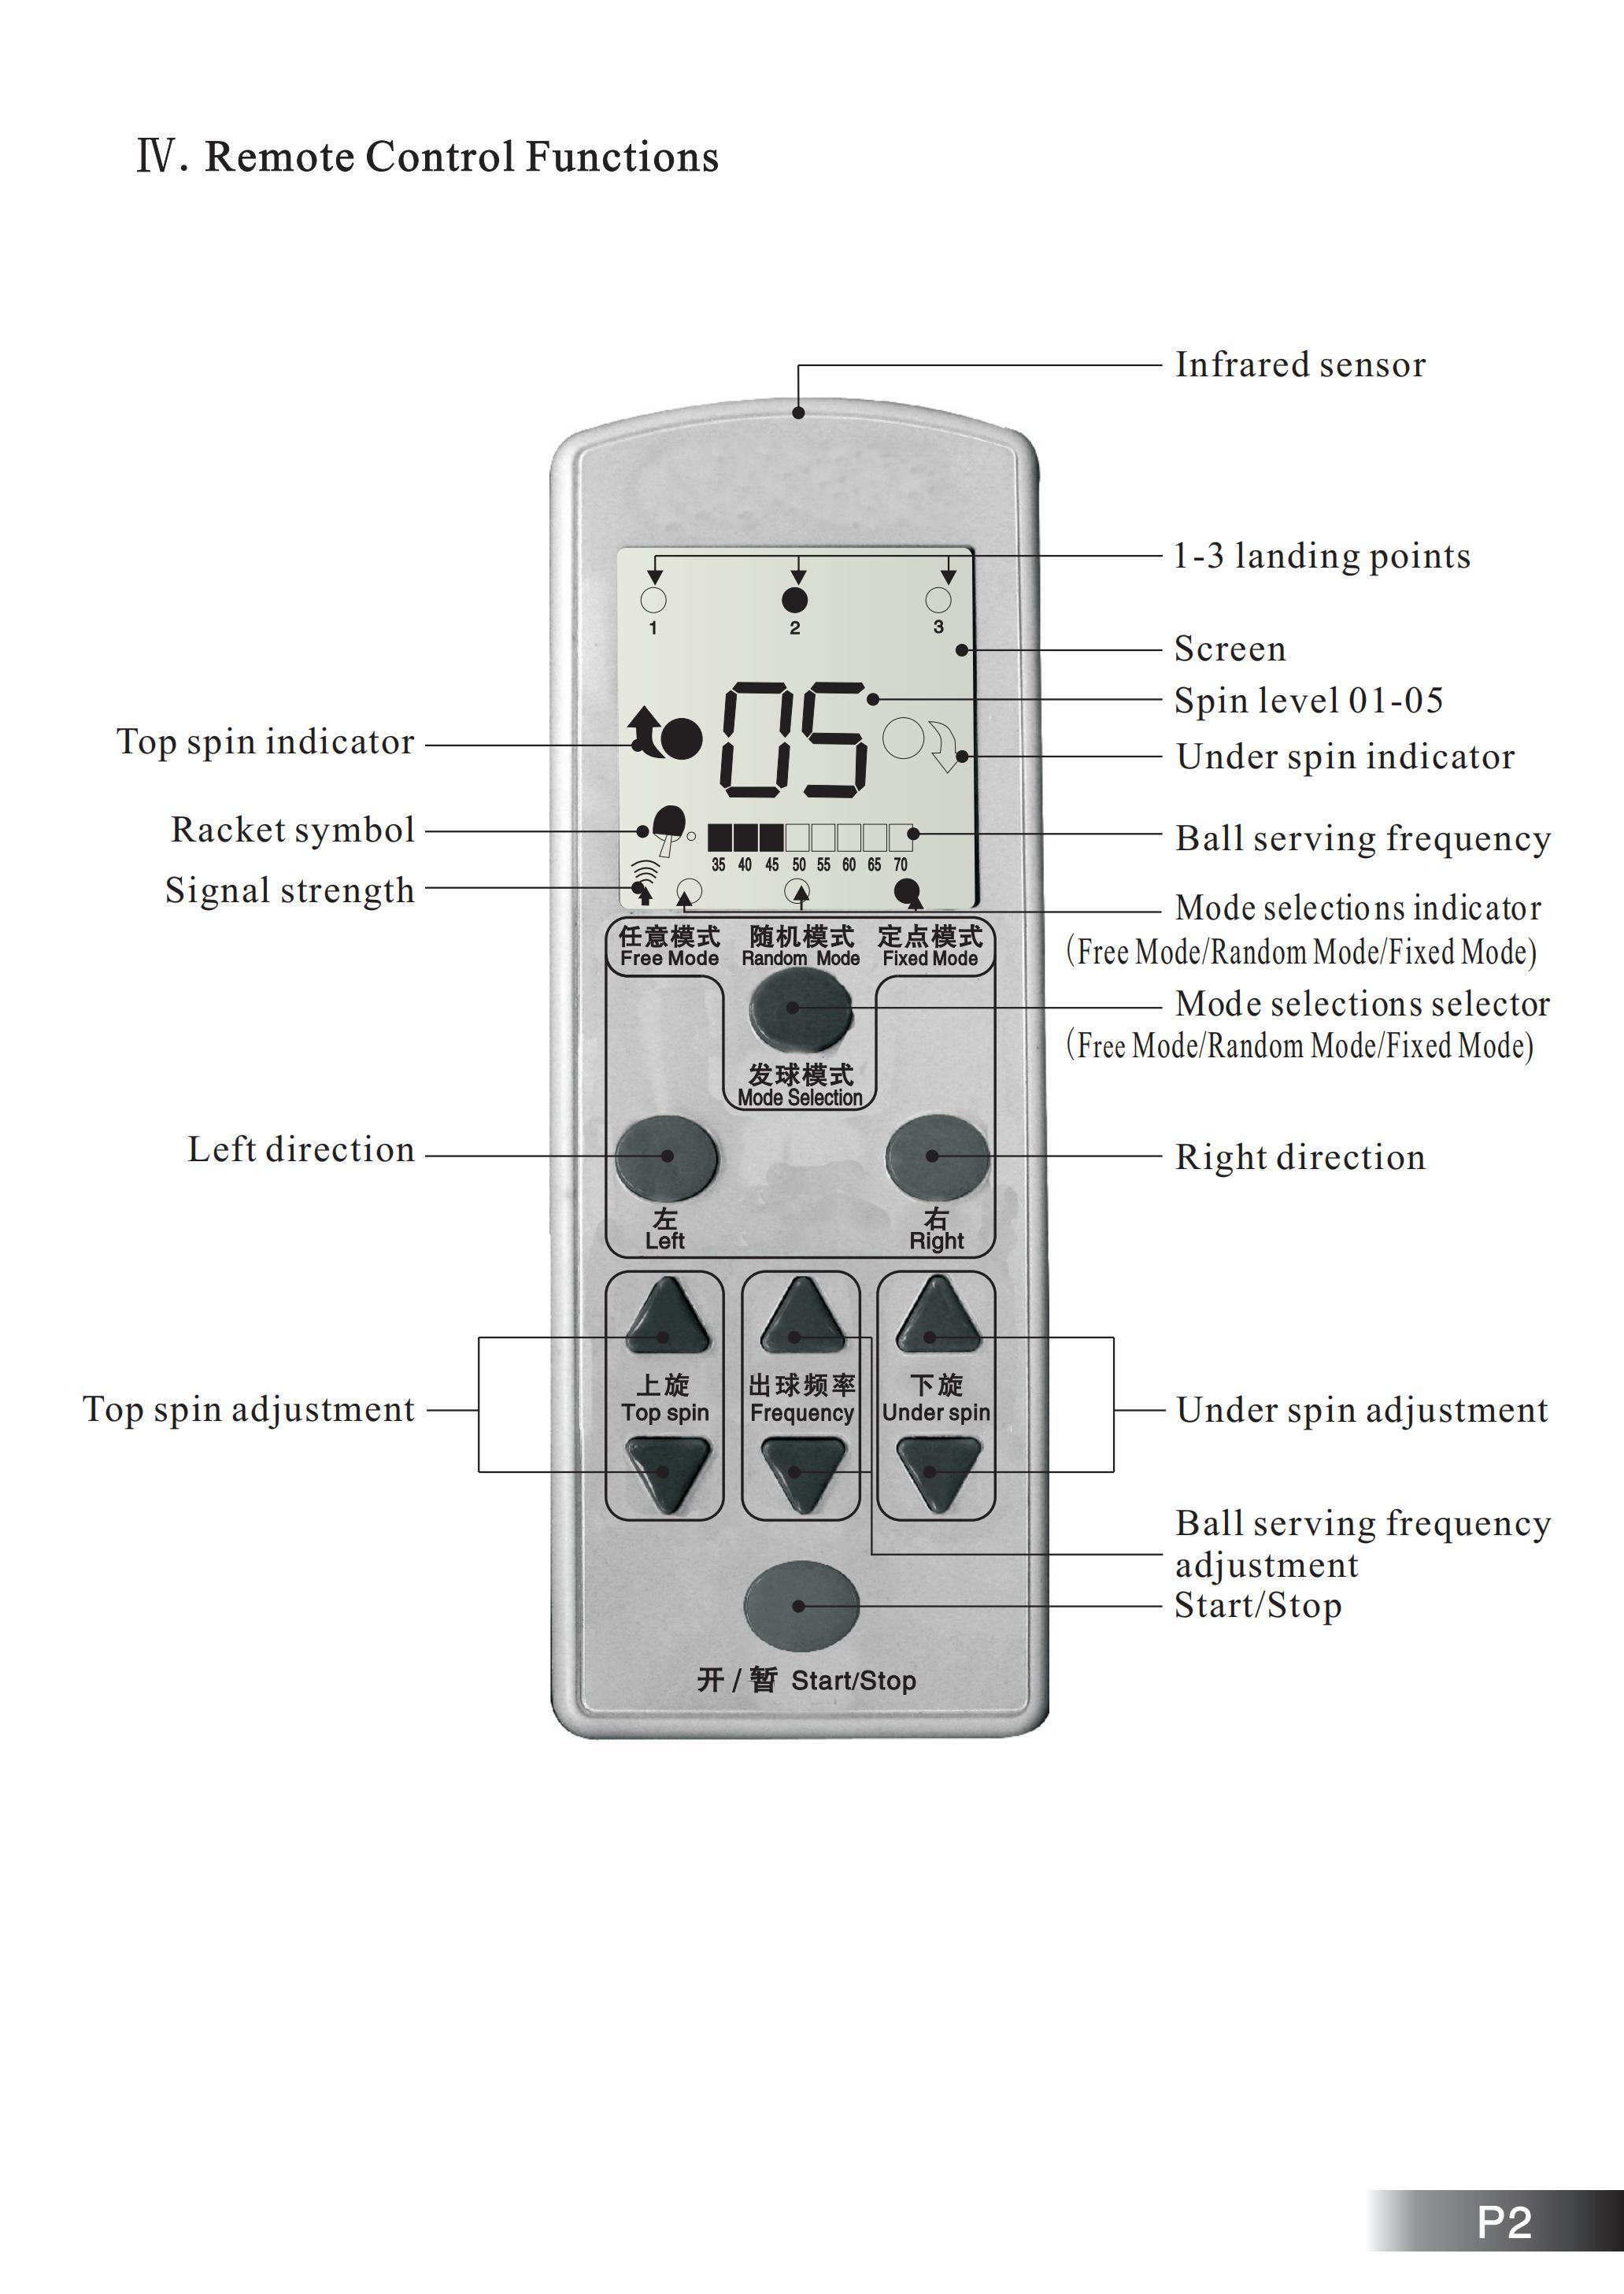 e1a-manual-10-00.jpg